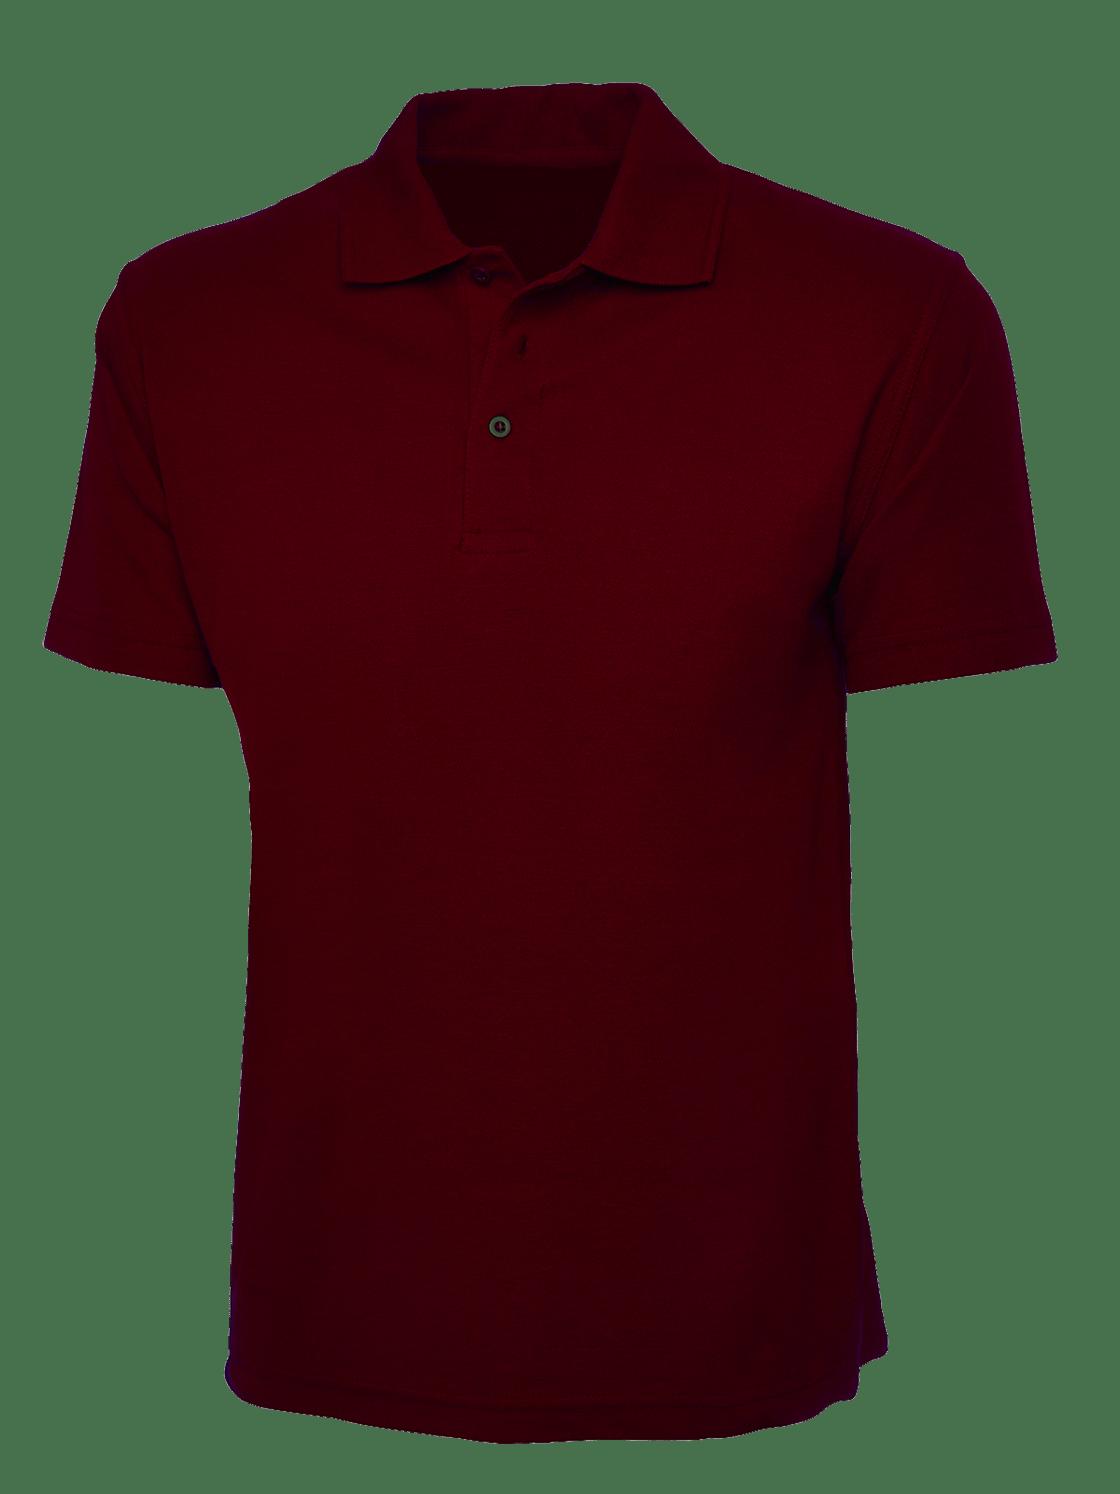 plain maroon polo shirt cutton garments